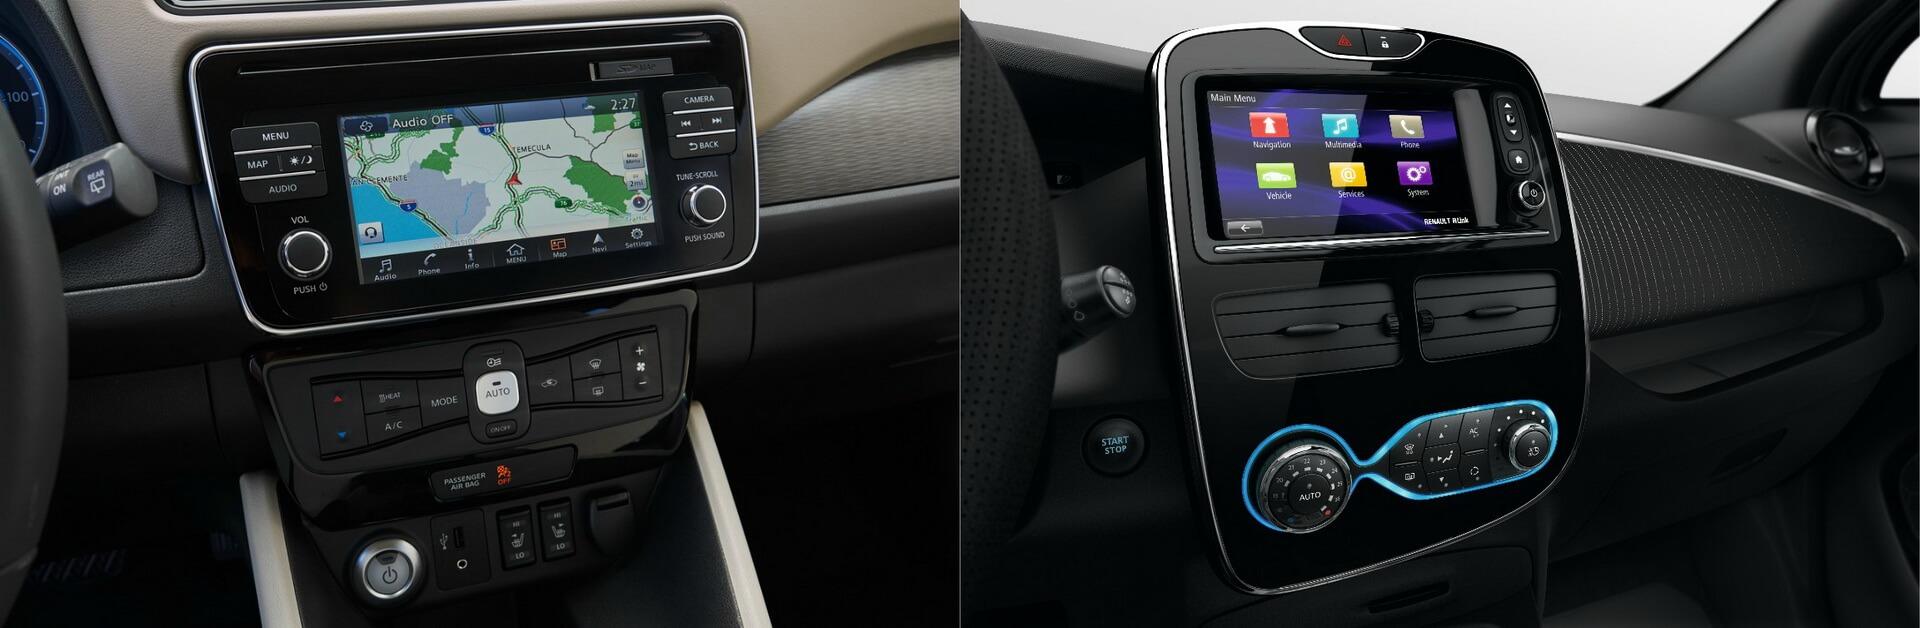 Центральный дисплей именю Nissan Leaf и Renault ZOE